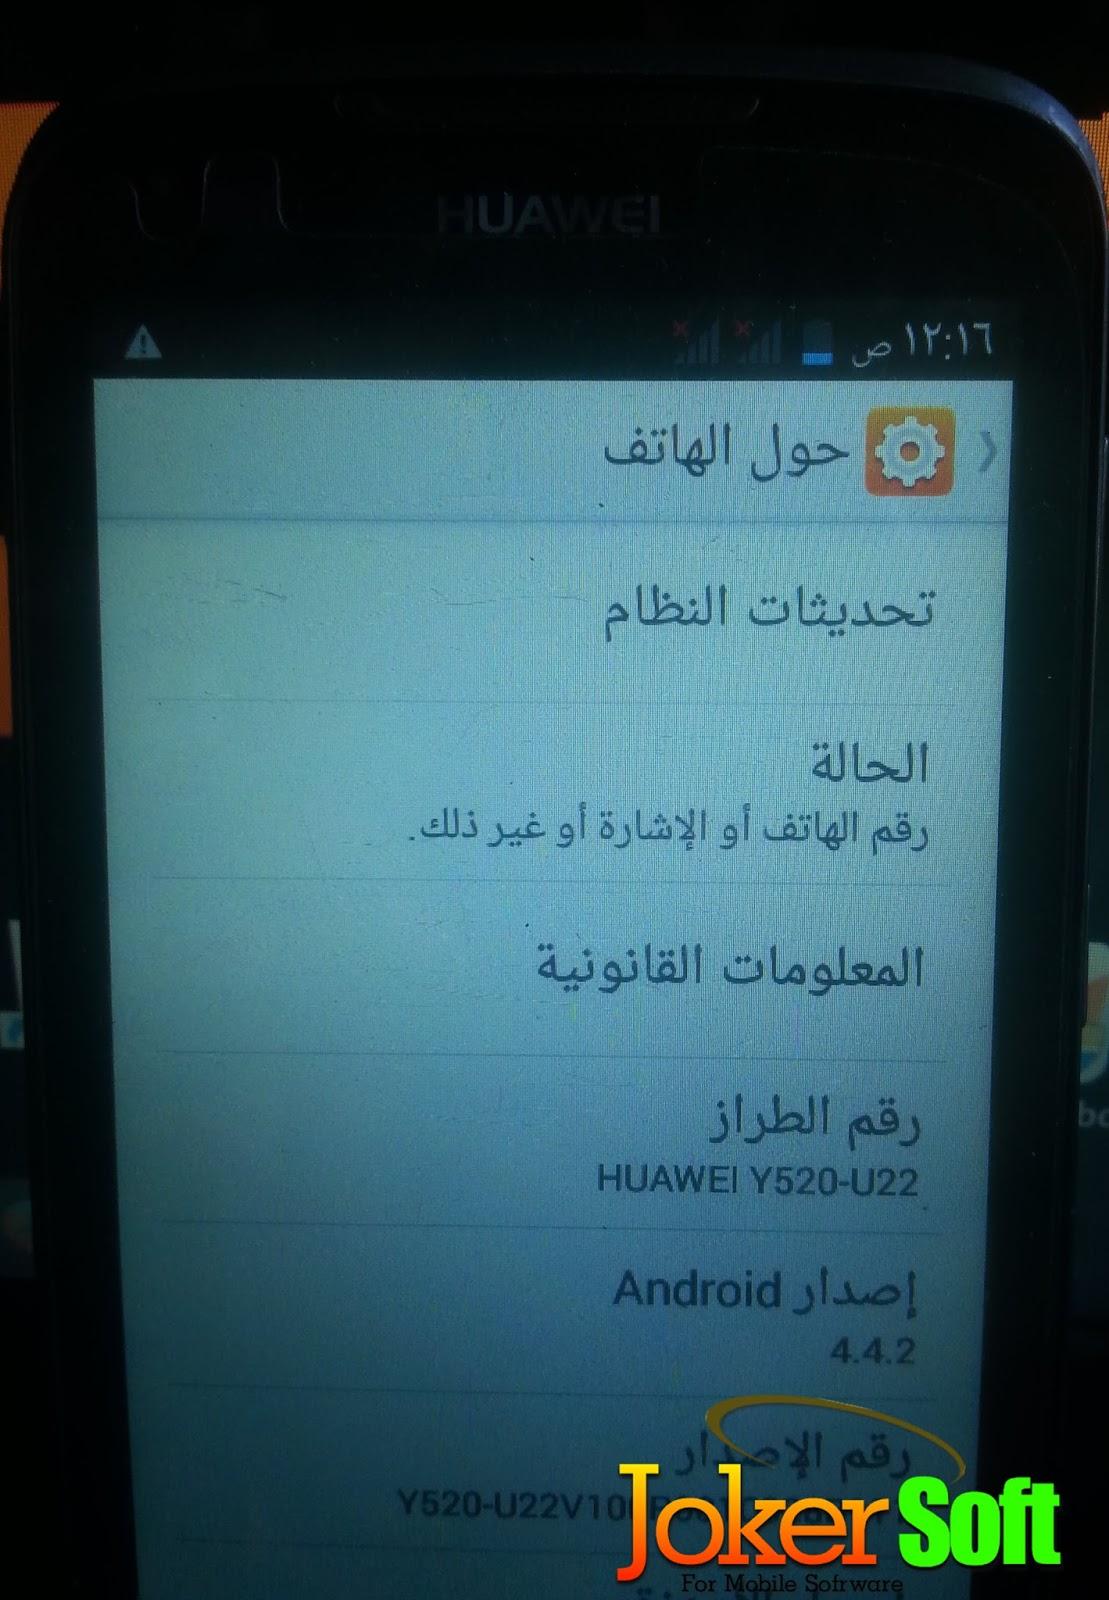 الفلاشة العربية الكاملة لهاتف هواوى Huawei Y520-U22